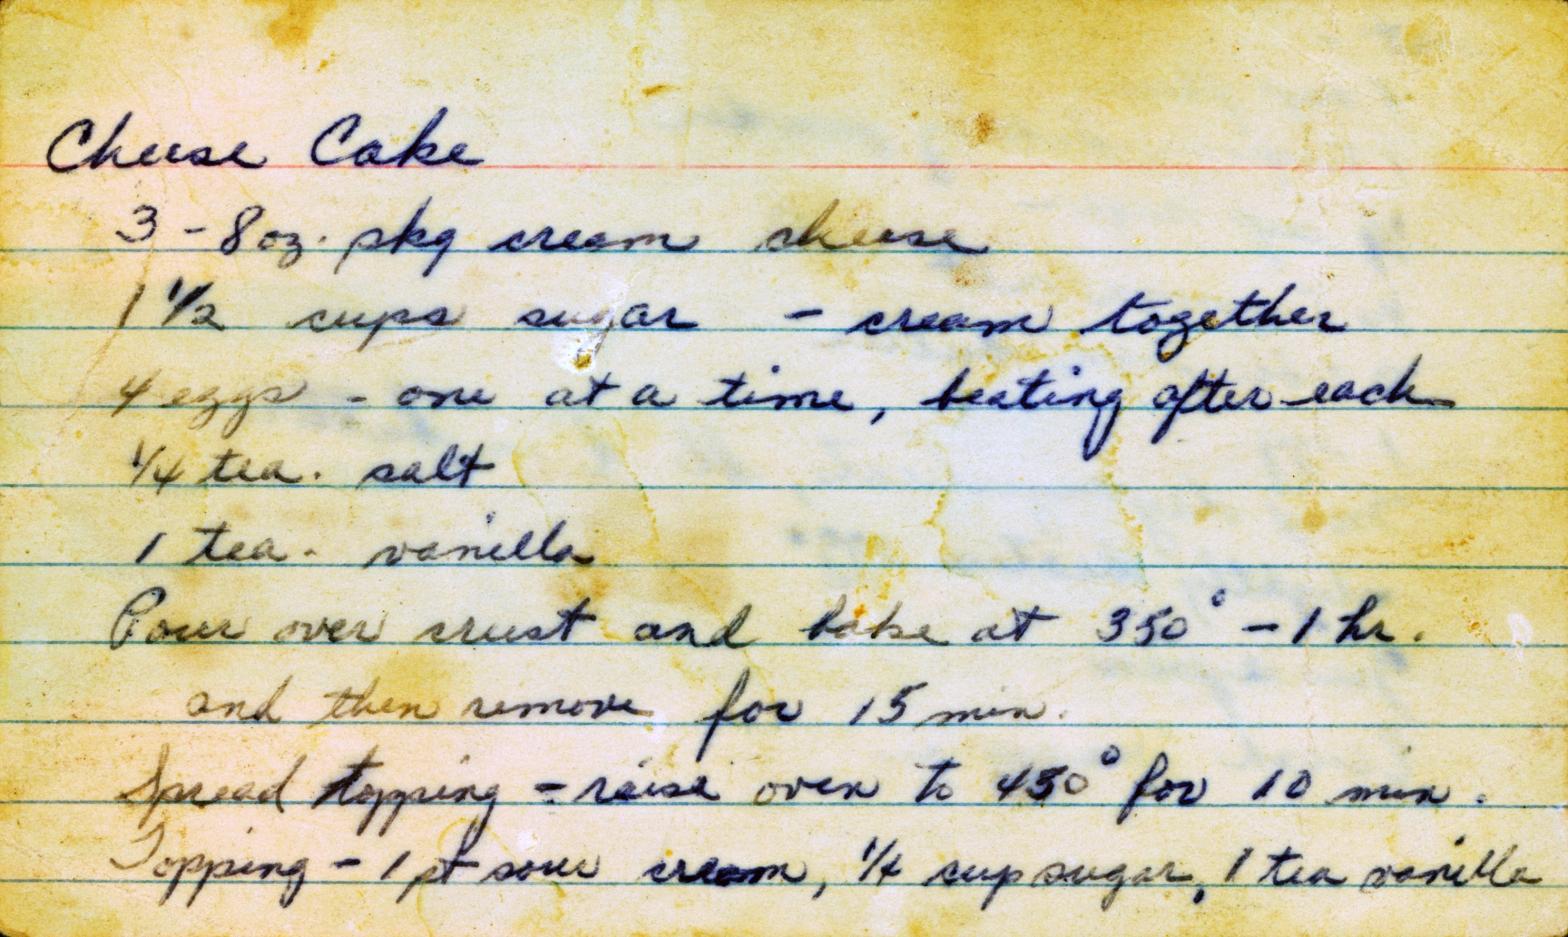 vintage handwritten recipe card